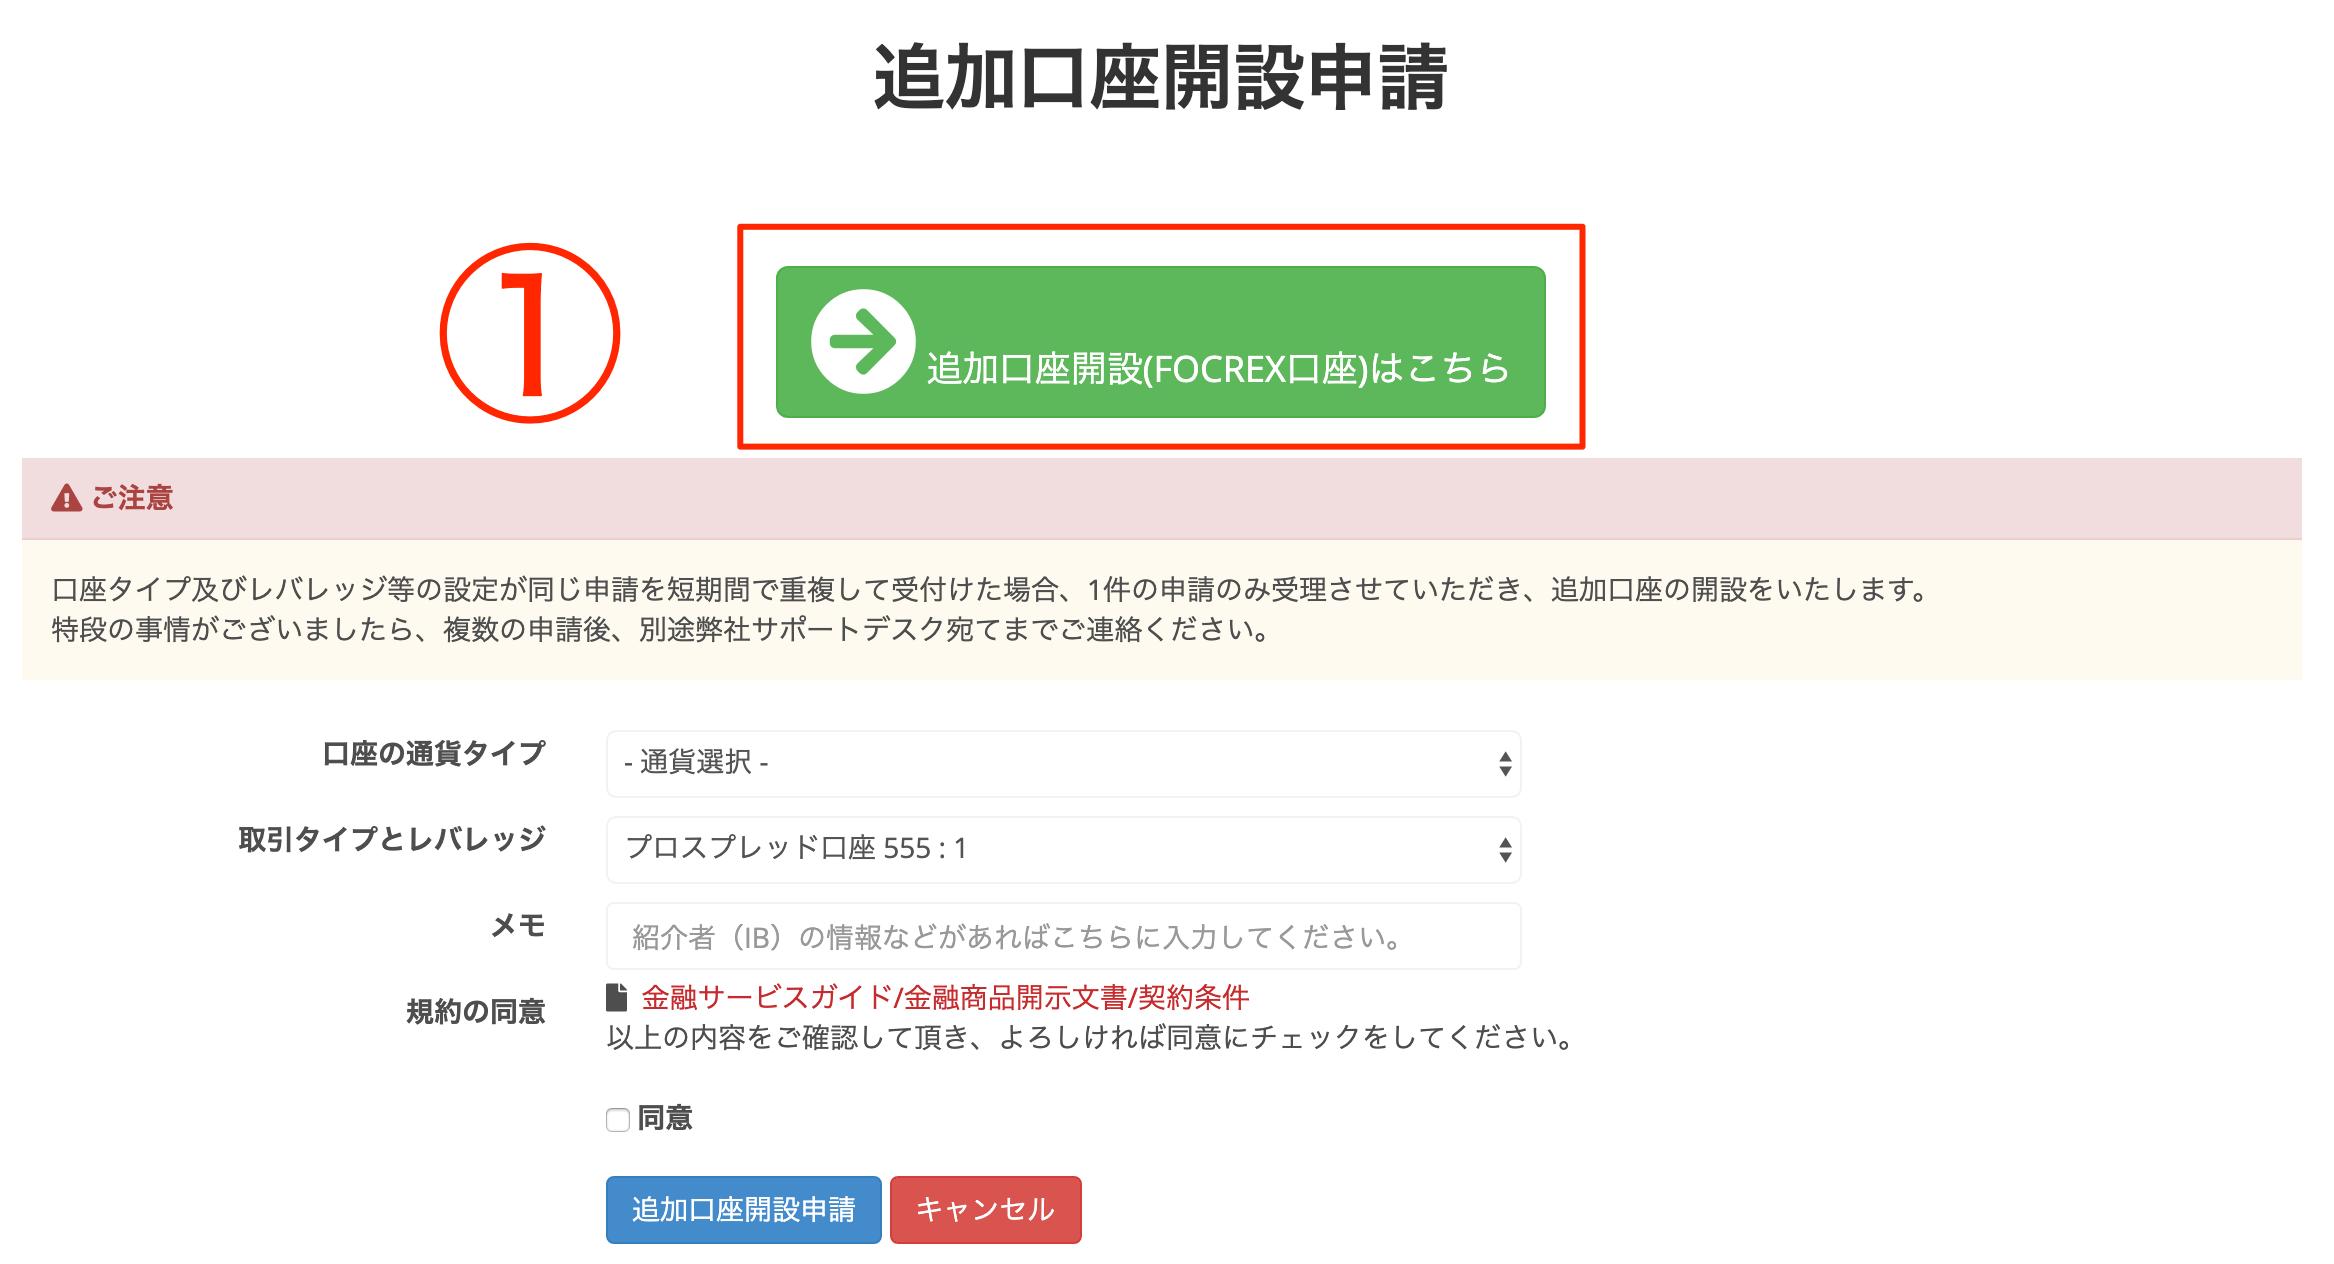 「追加口座開設(FOCREX口座)はこちら」をクリック